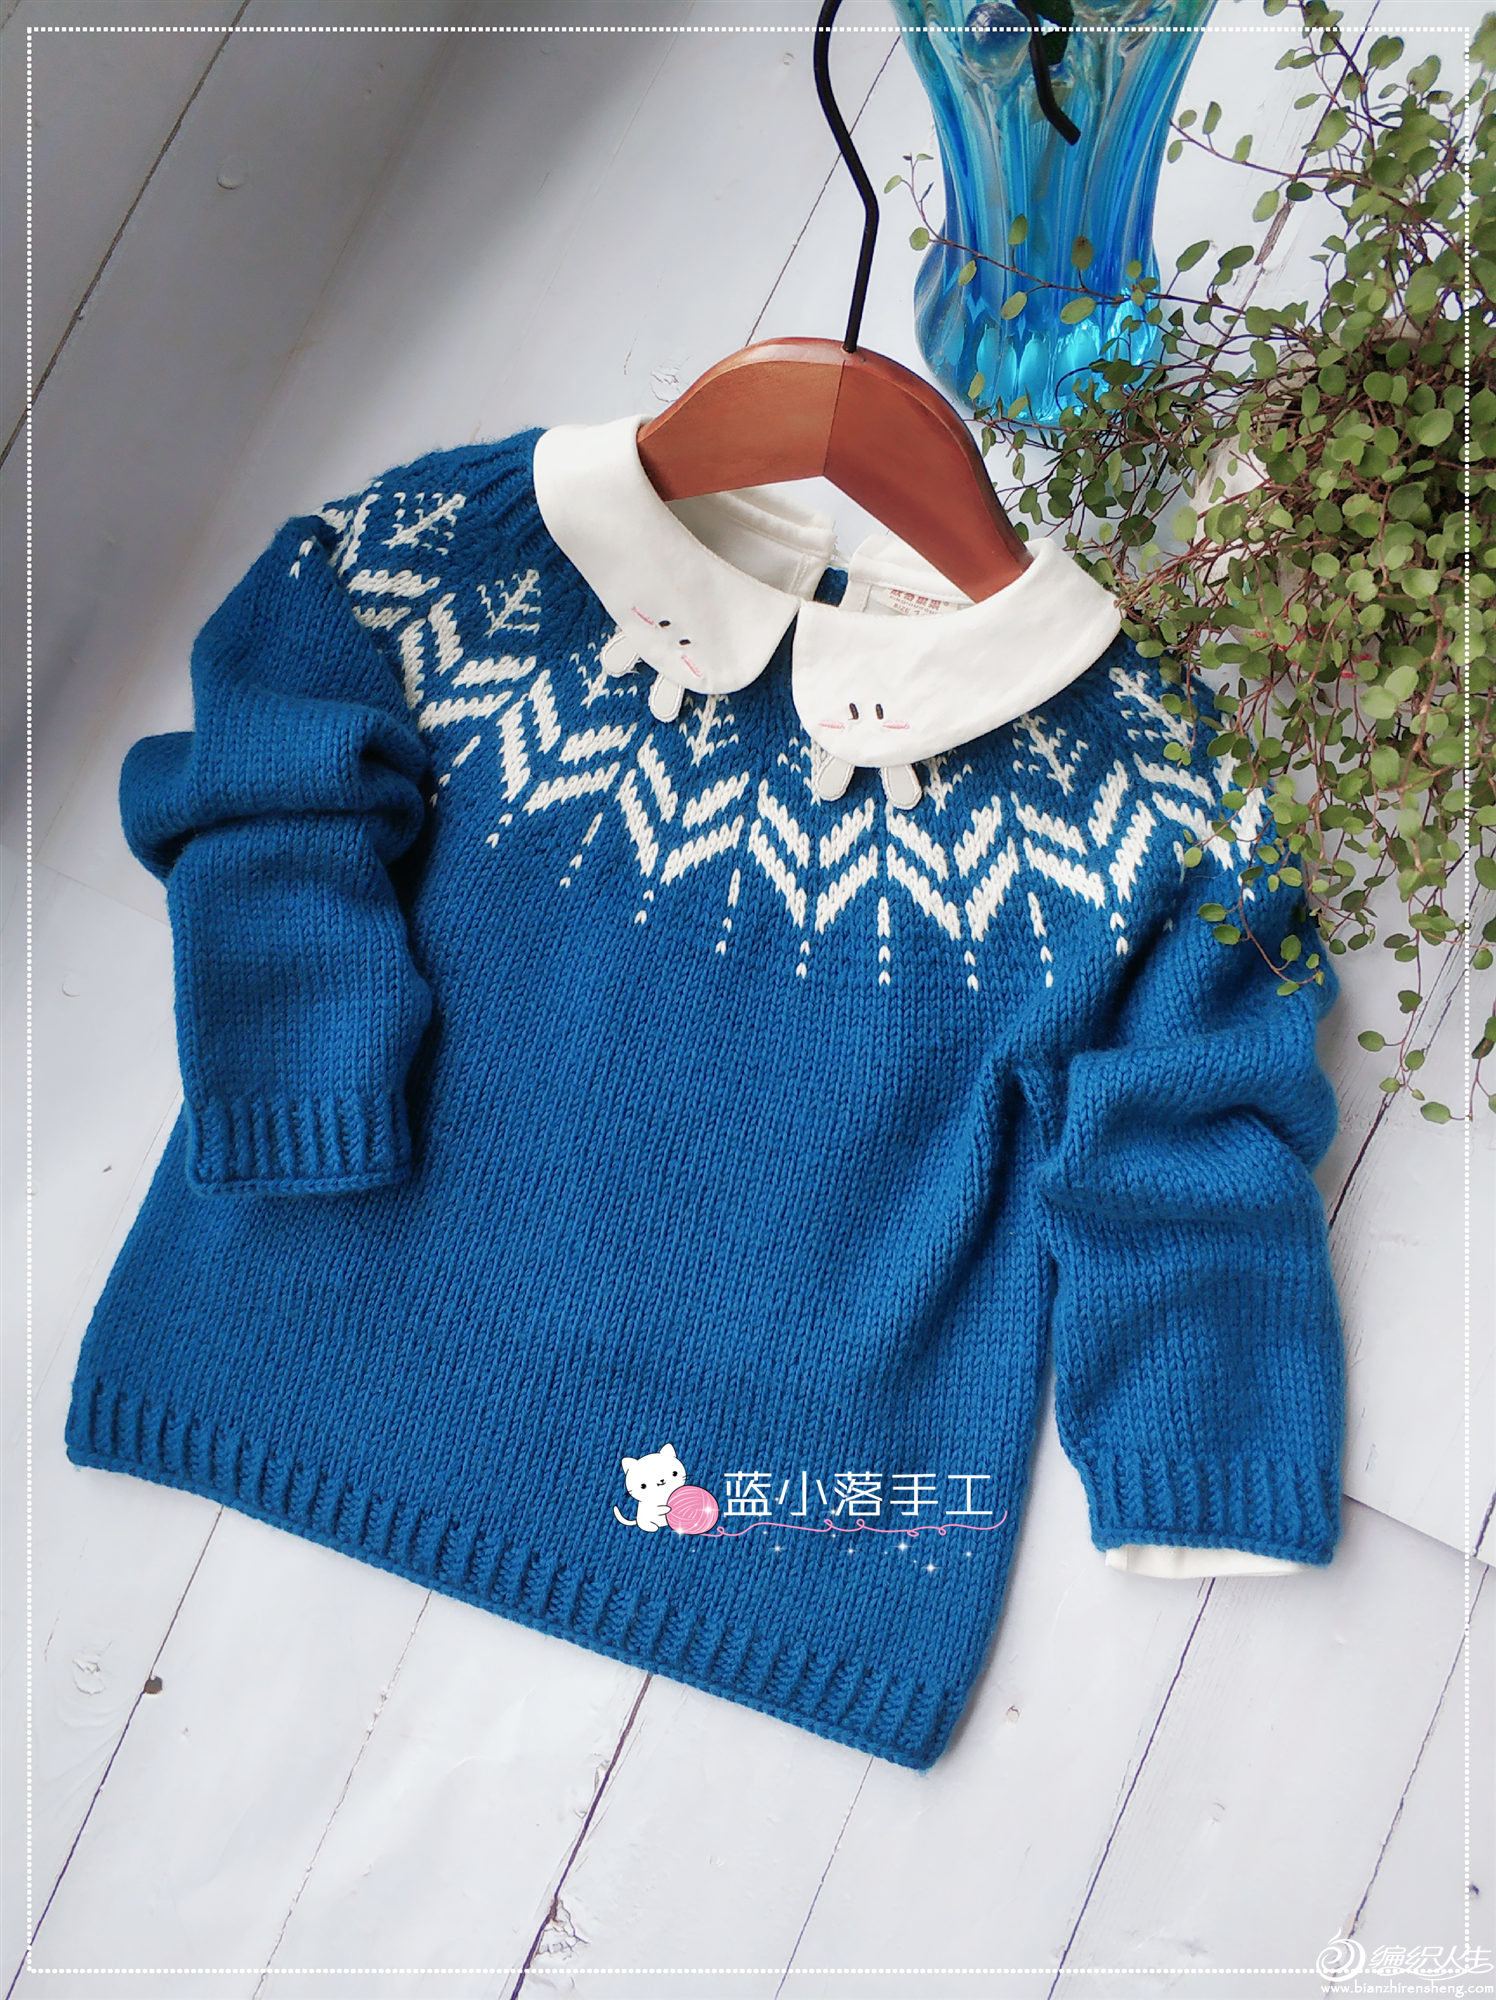 手织羊绒衫款式_202015期周热门编织作品:手工编织新品毛衣款式13款-编织人生